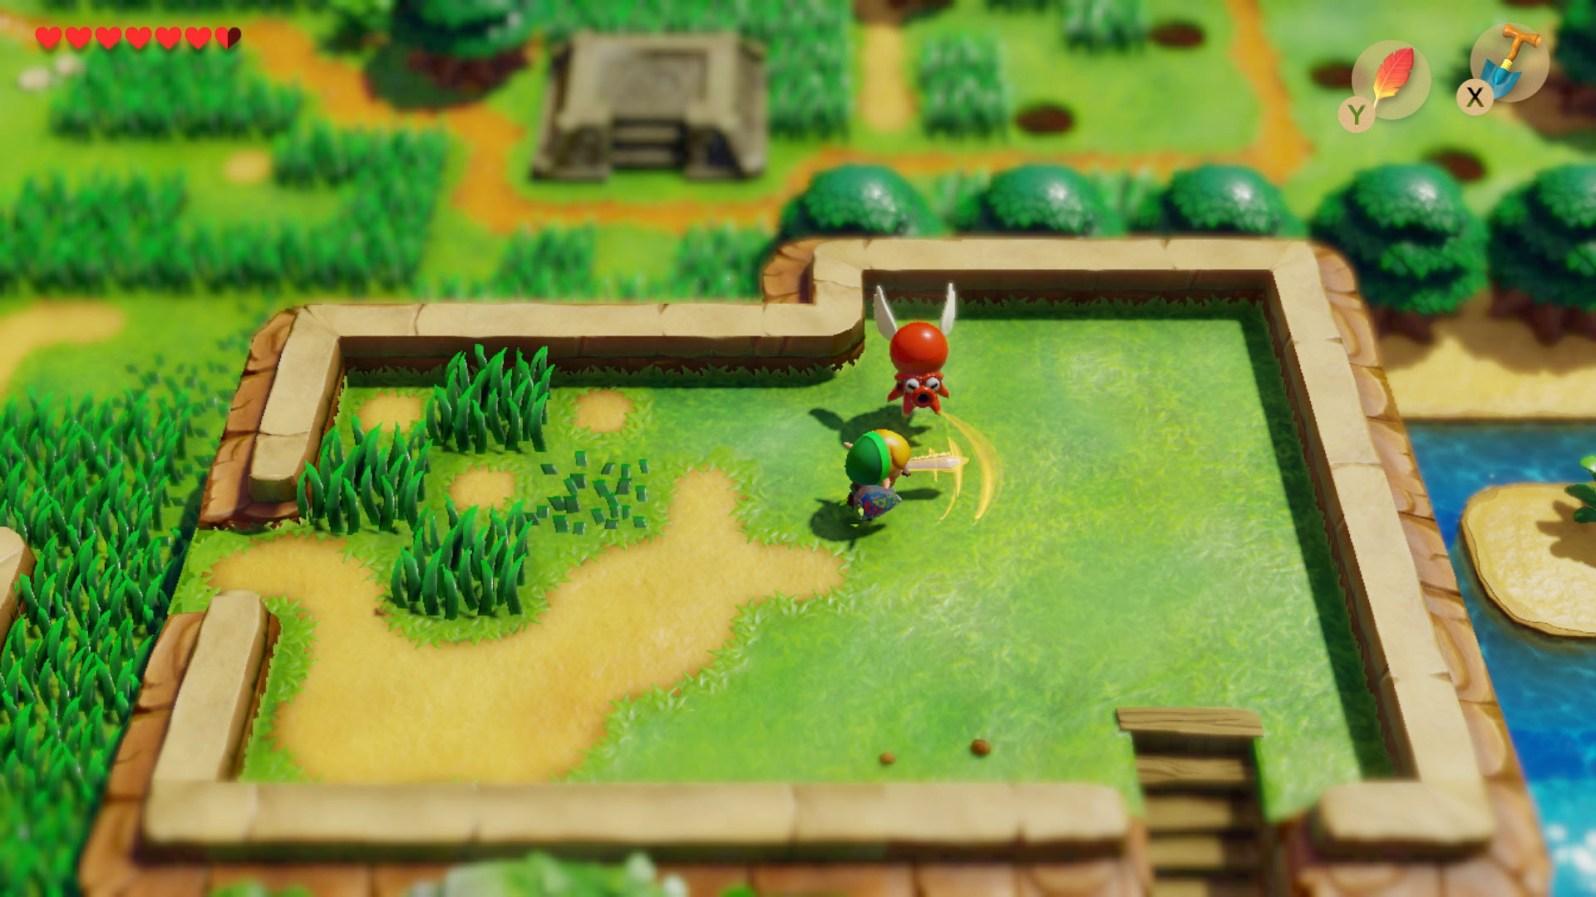 Quelle: Nintendo - The Legend of Zelda: Link's Awakening